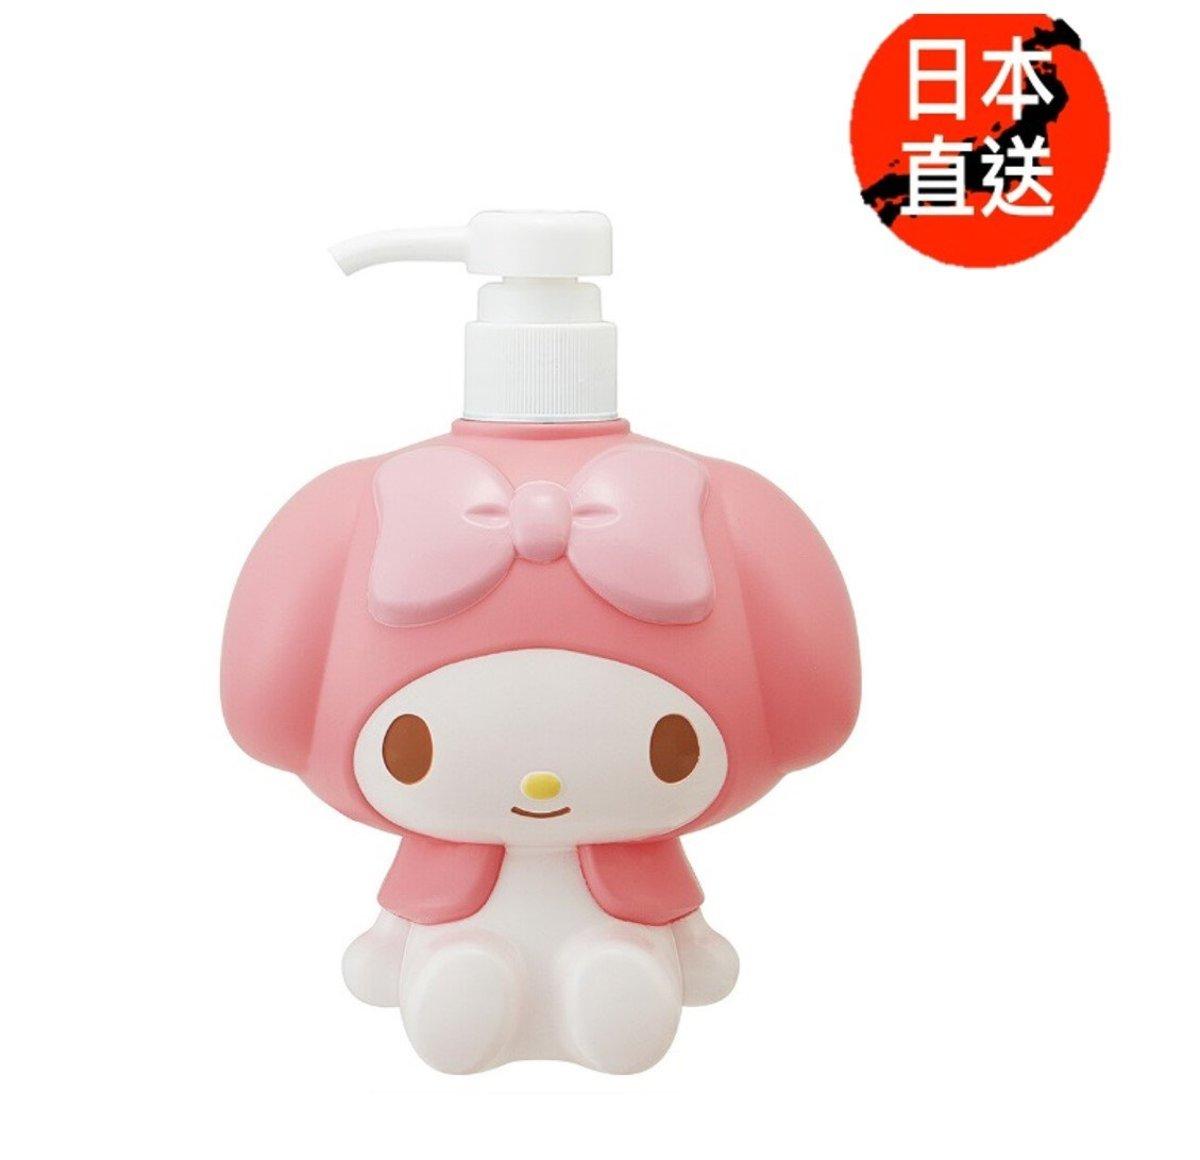 3D洗手液樽(日本直送)